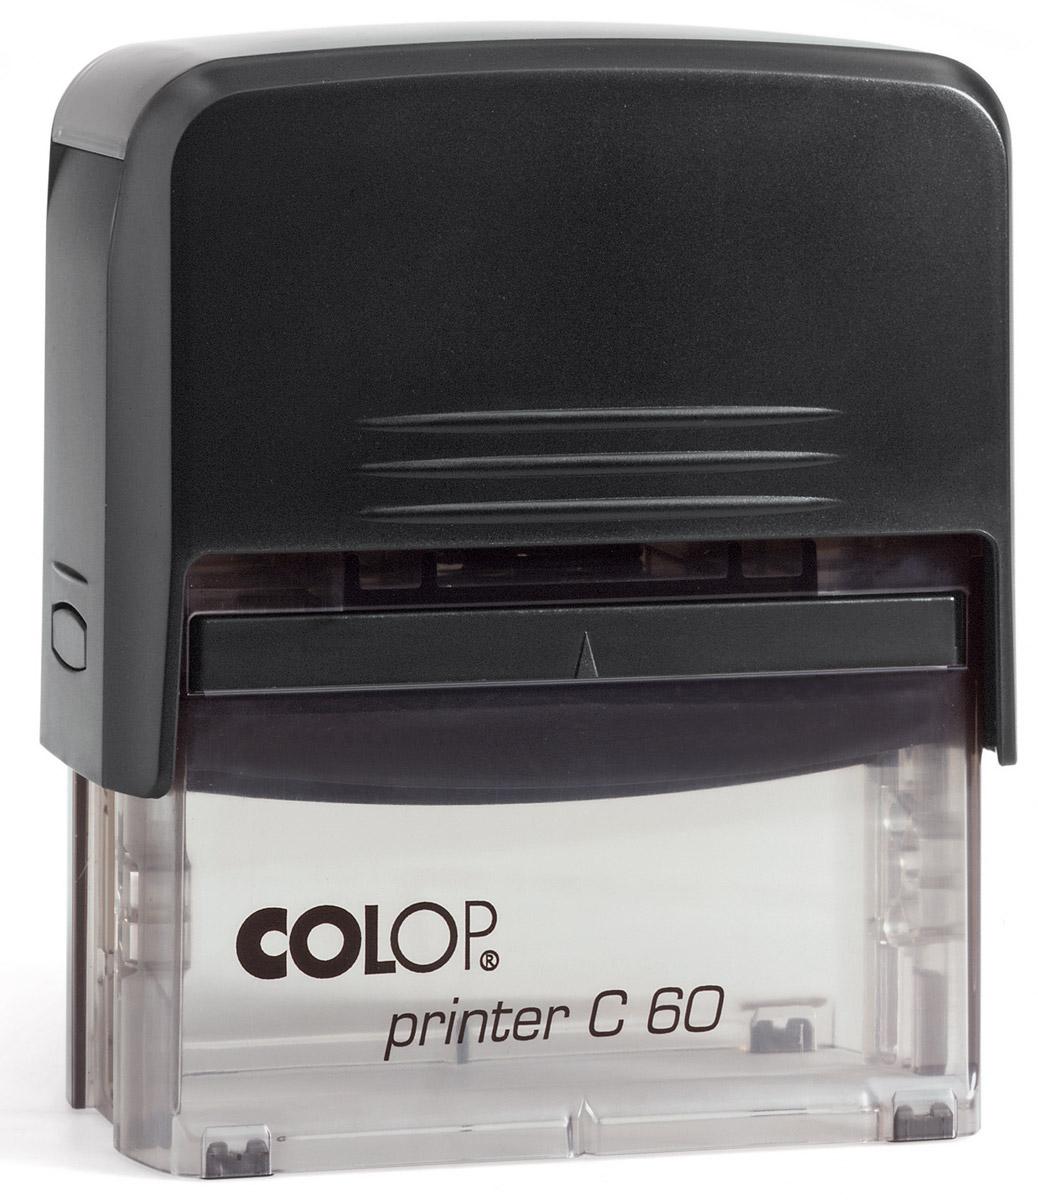 Colop Штамп самонаборный девятистрочный Printer C60 -  Печати, штампы